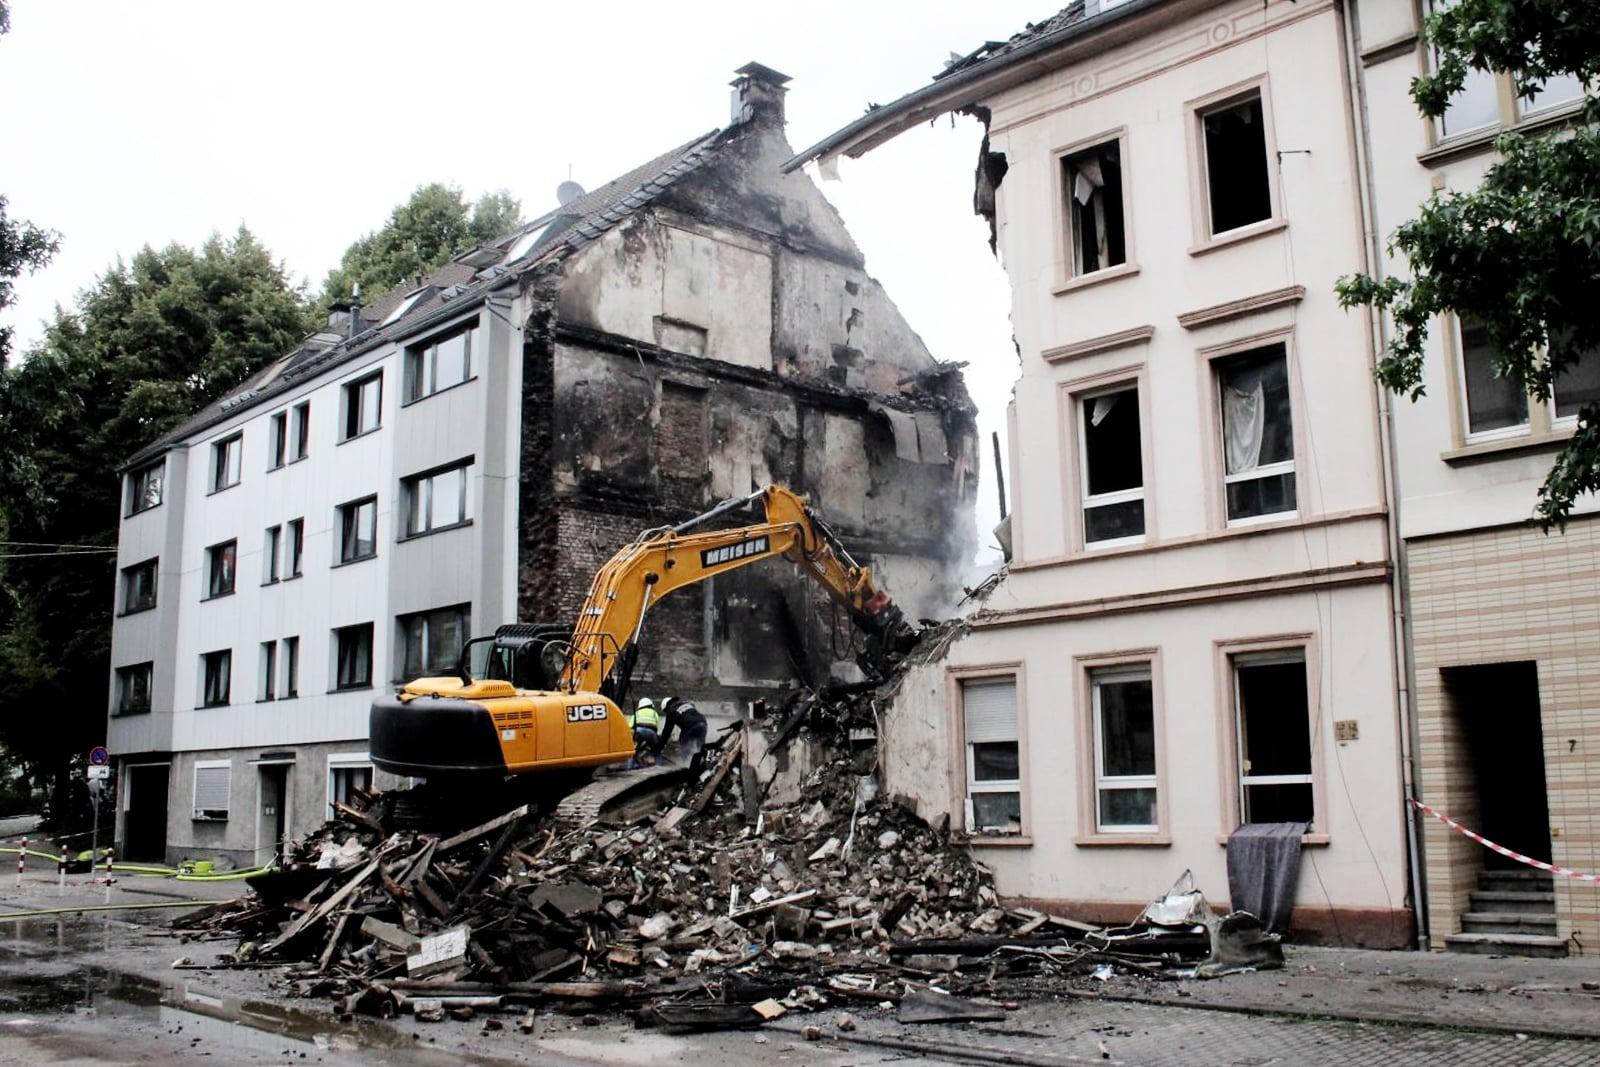 Wybuch w Niemczech fot. EPA/Christoph Petersen Dostawca: PAP/EPA.